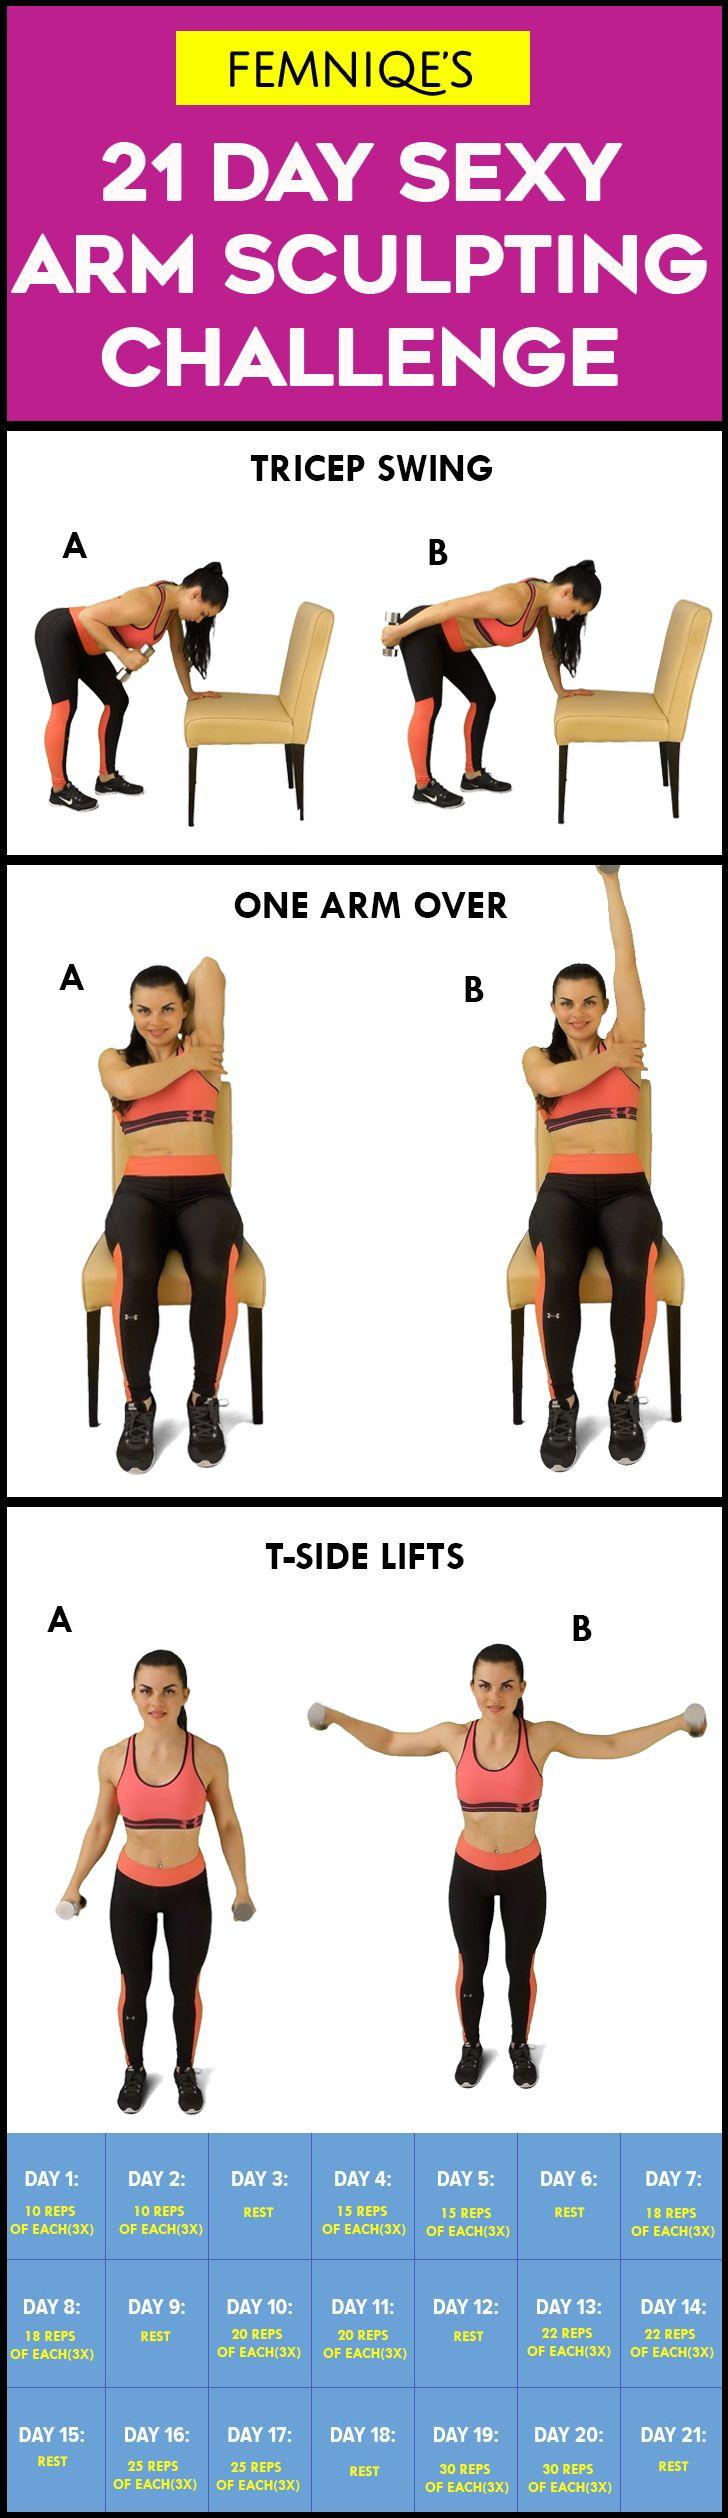 Rutina de 21 días para esculpir tus brazos de manera progresiva.